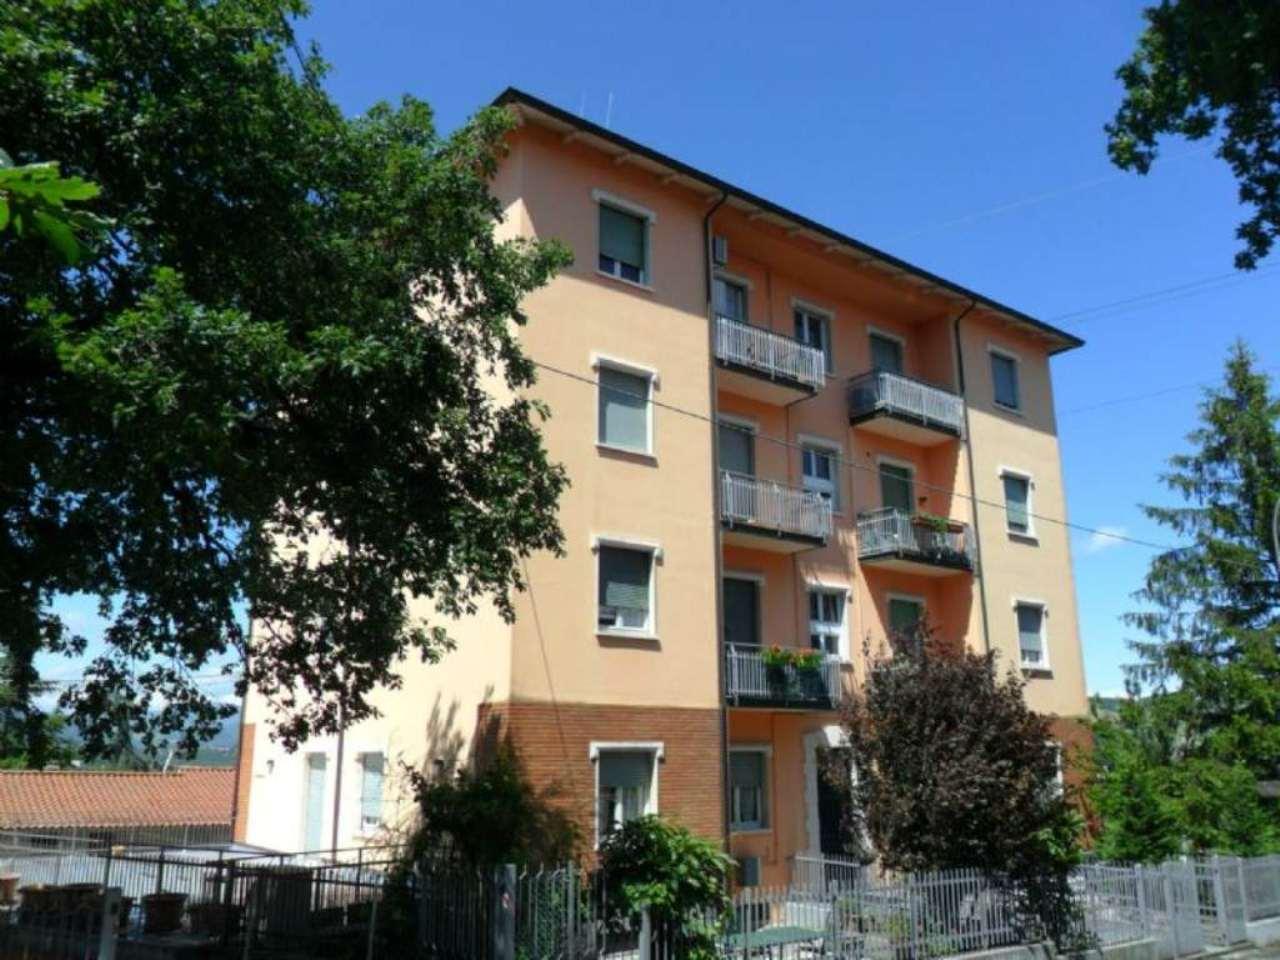 Appartamento in vendita a Fornovo di Taro, 2 locali, prezzo € 65.000 | Cambio Casa.it